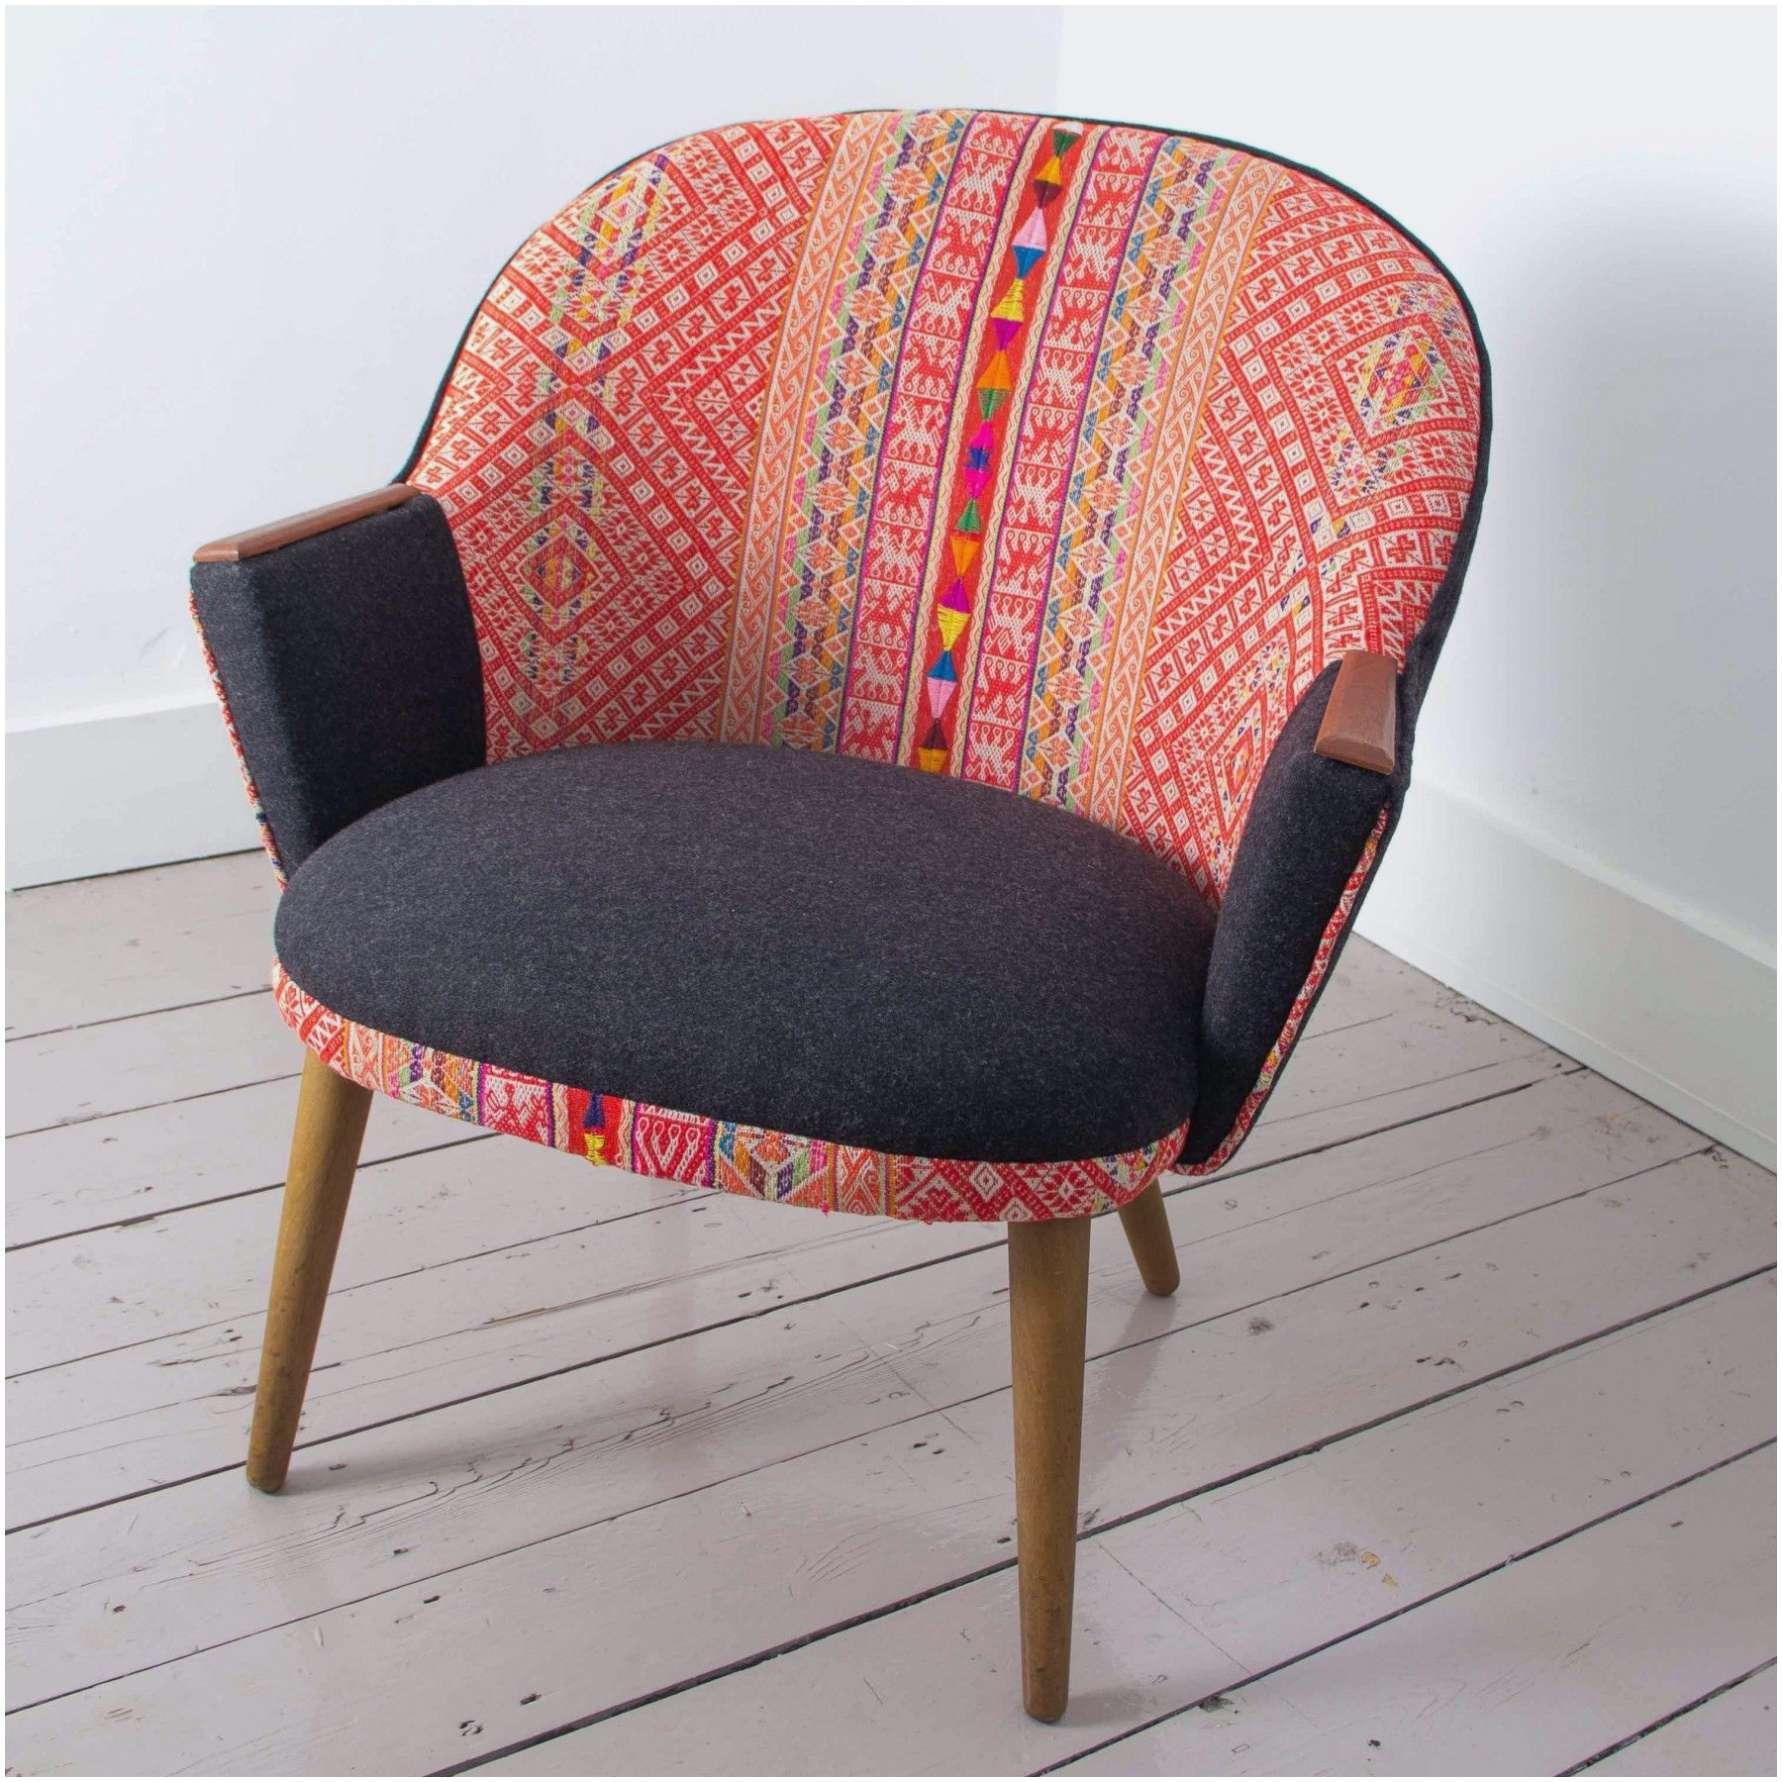 fauteuil vintage jaune image de chinchero chair furniture interiors pinterest luxe chaise vintage tissu fauteuil de table tissu frais fauteuil salon 0d pour option fauteuil vintage jaune